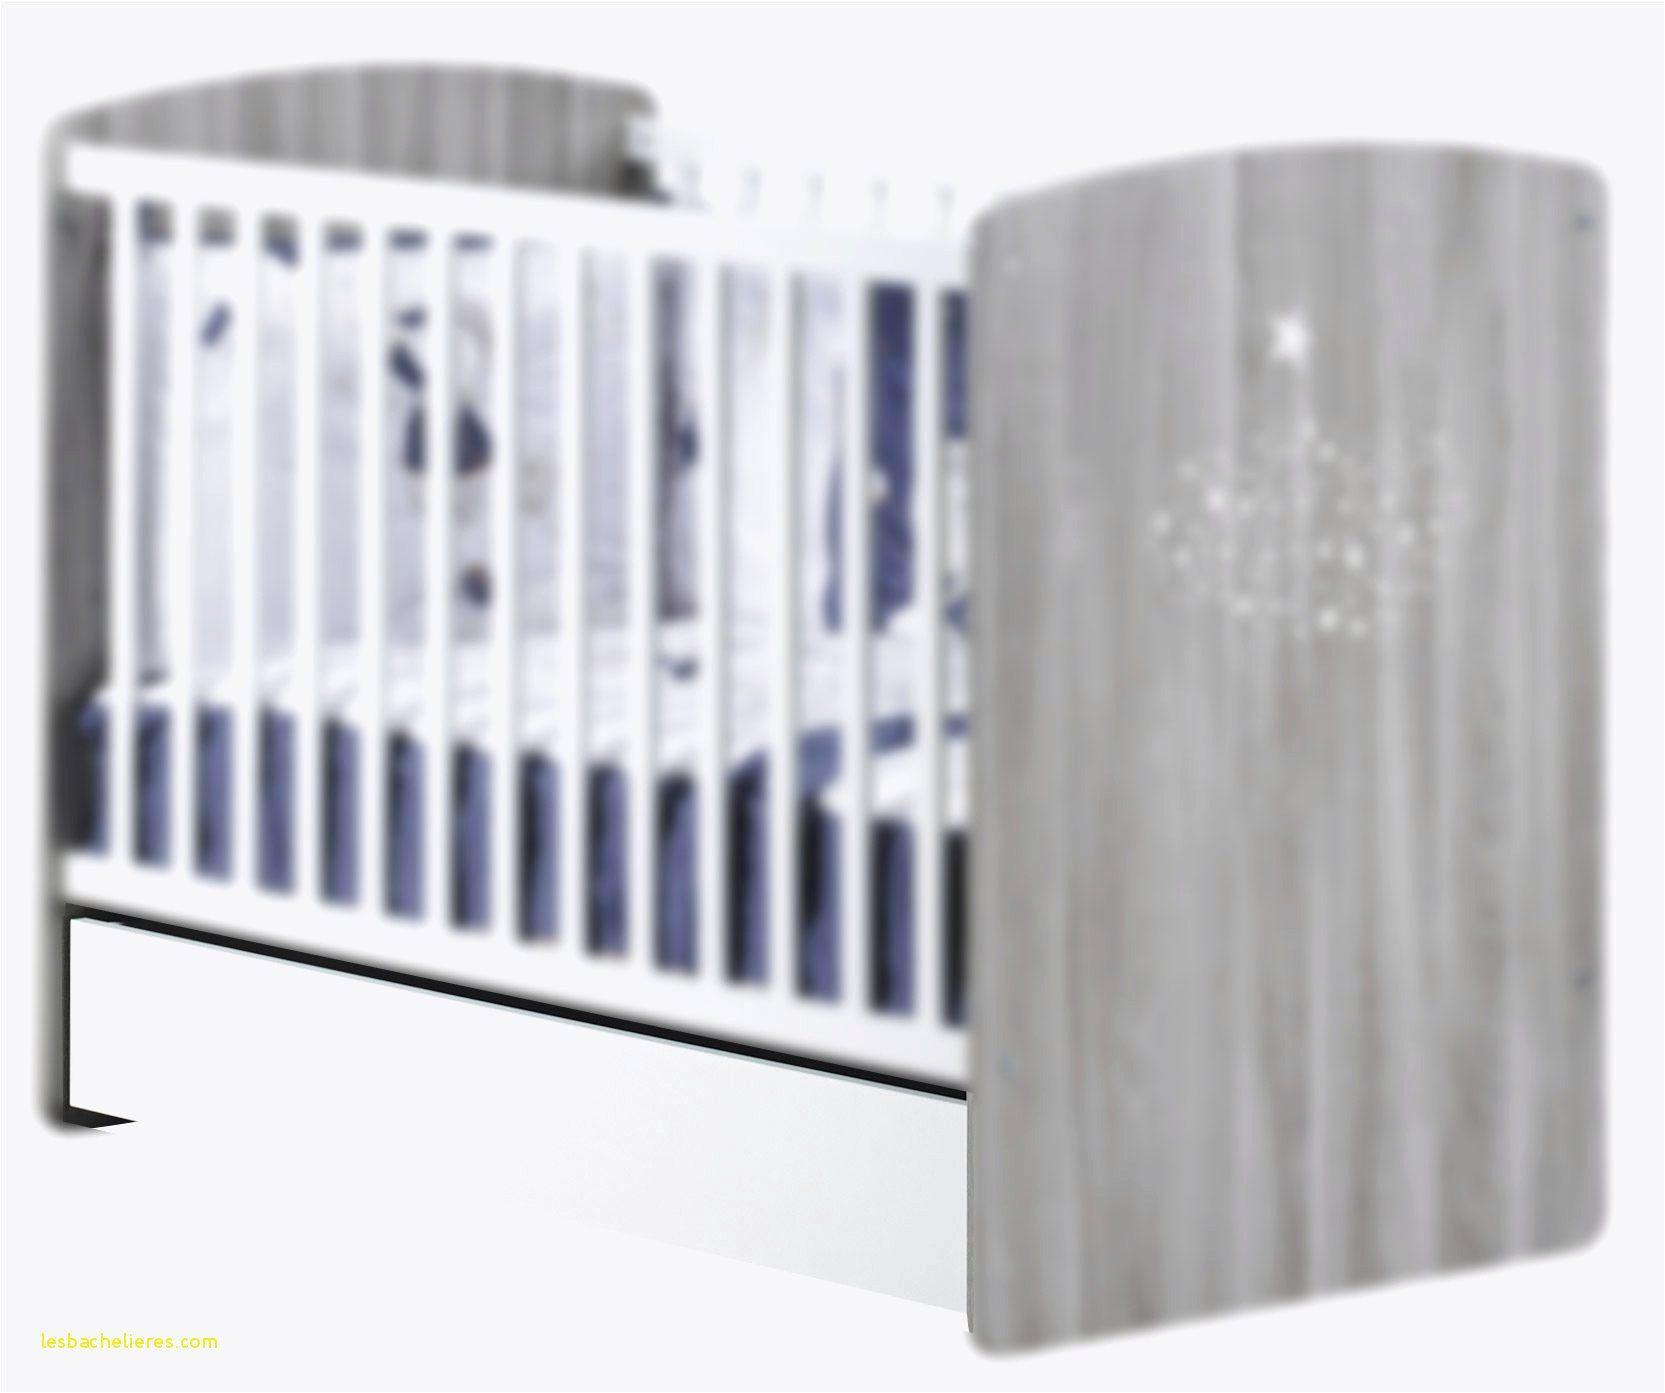 Solde Lit Bebe De Luxe Lit Enfant Blanc Pas Cher 20 élégant Supperpose Adana Estepona